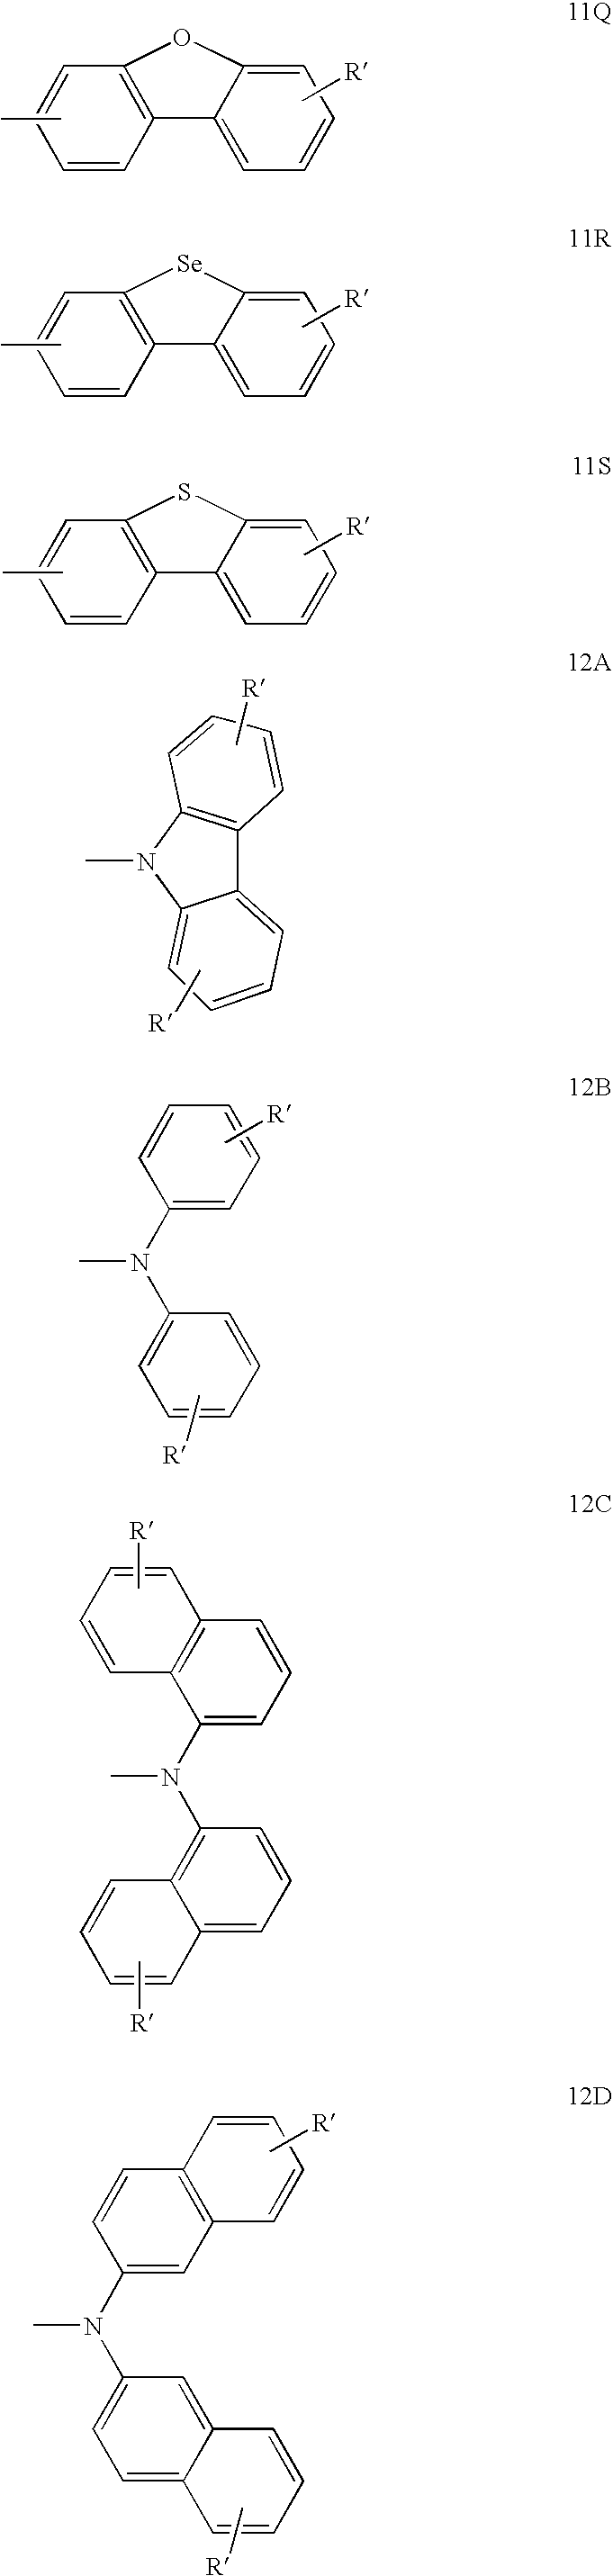 Figure US07875367-20110125-C00052